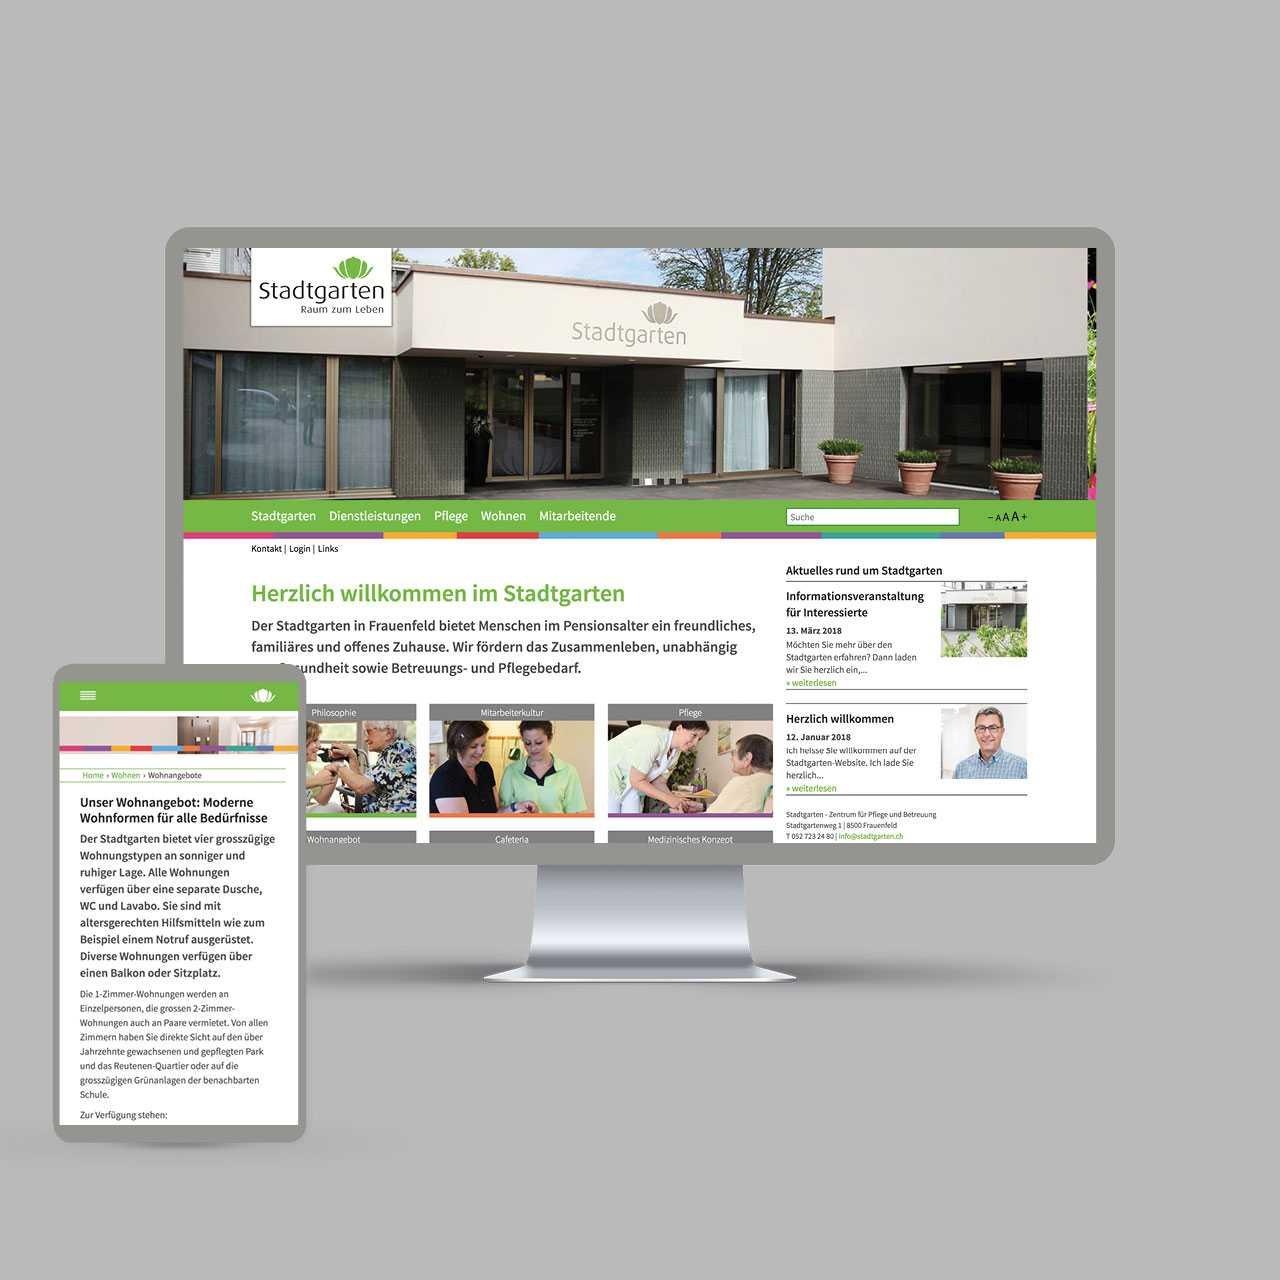 Pflegezentrum Stadtgarten: Corporate Design, Redesign Website